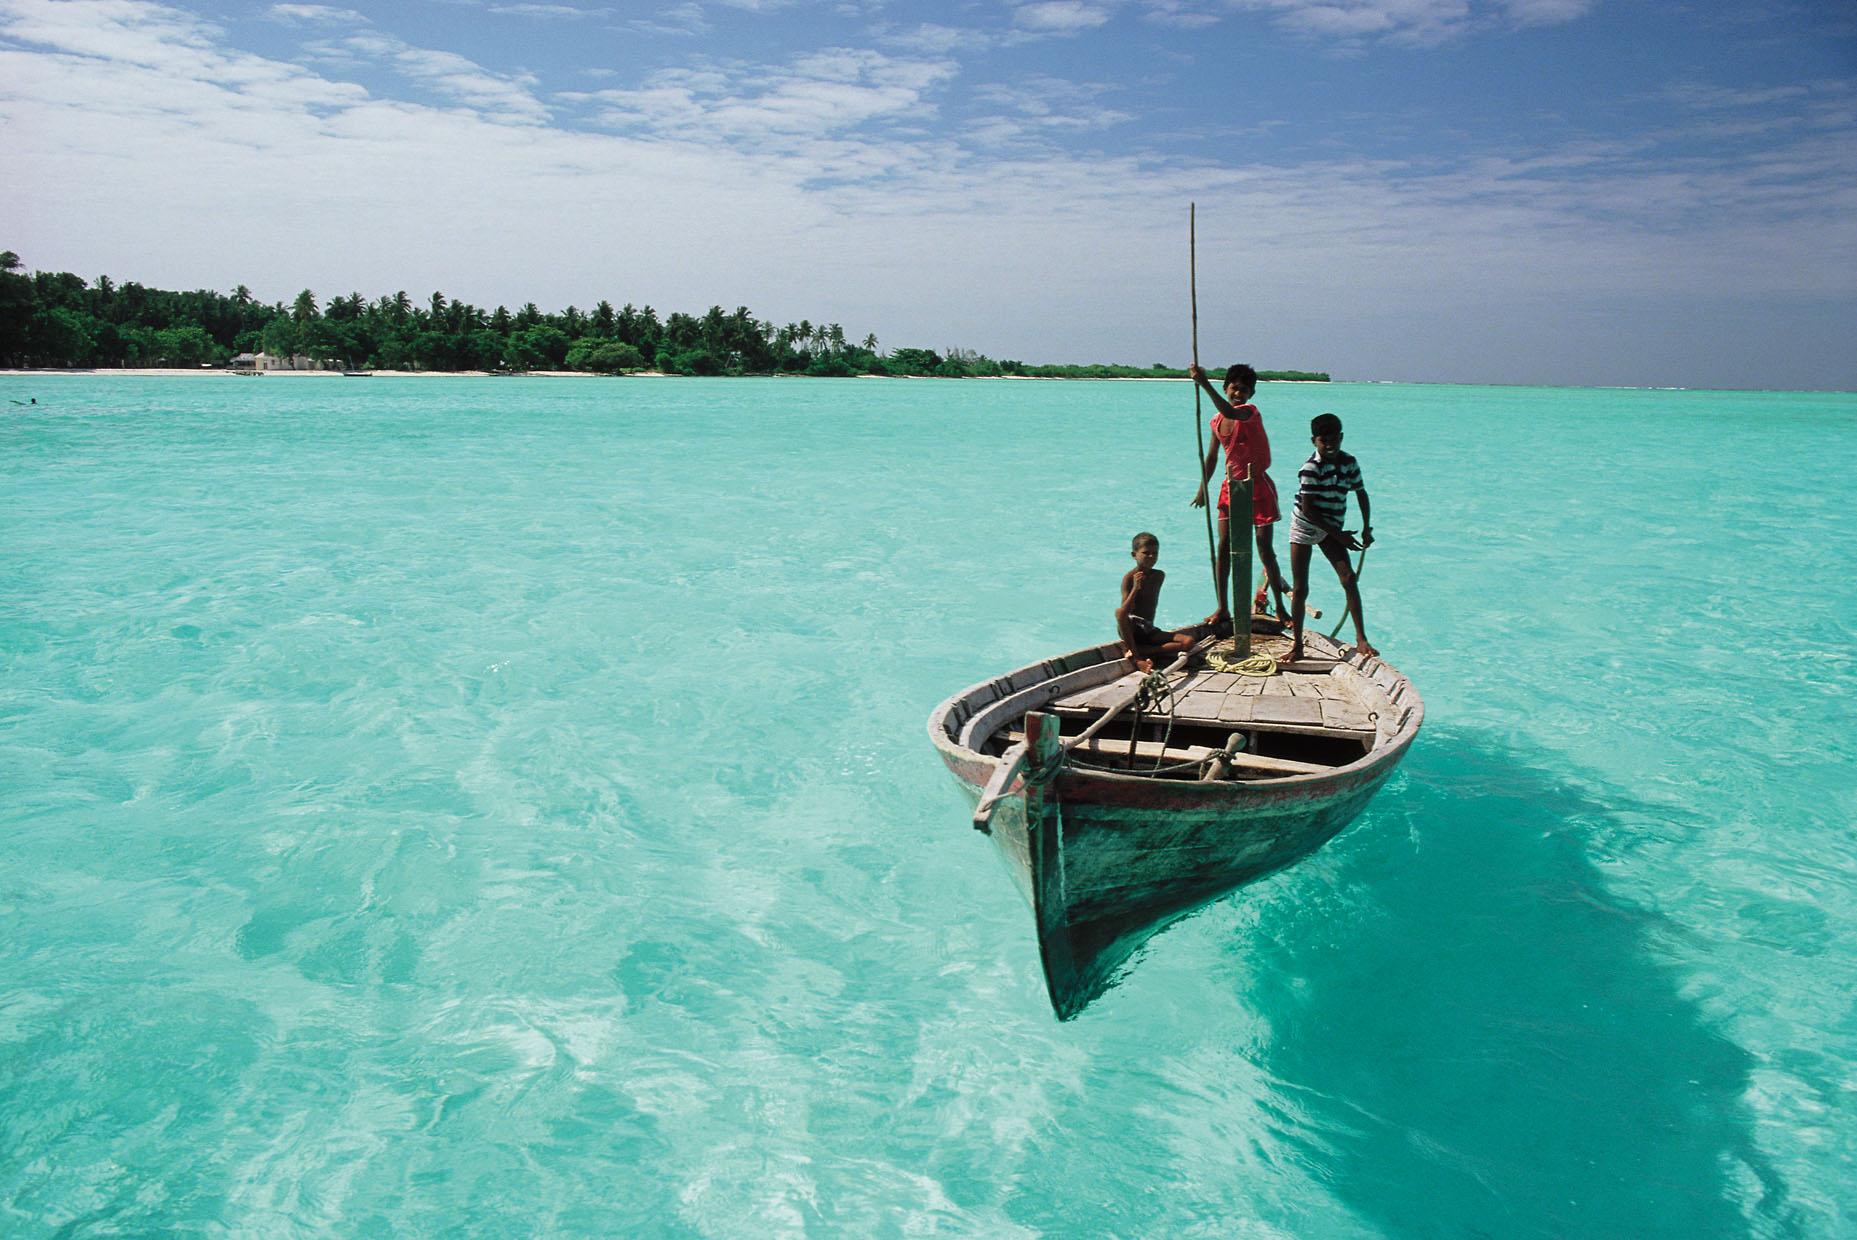 Maldiverne består af 26 atoller med over 1.000 større og mindre øer fordelt udover 90.000 kvadratkilometer. Nu er landet som formentlig verdens første på vej med et nationalt bonusprogram til turister. Arkivpressefoto fra Maldiverne.